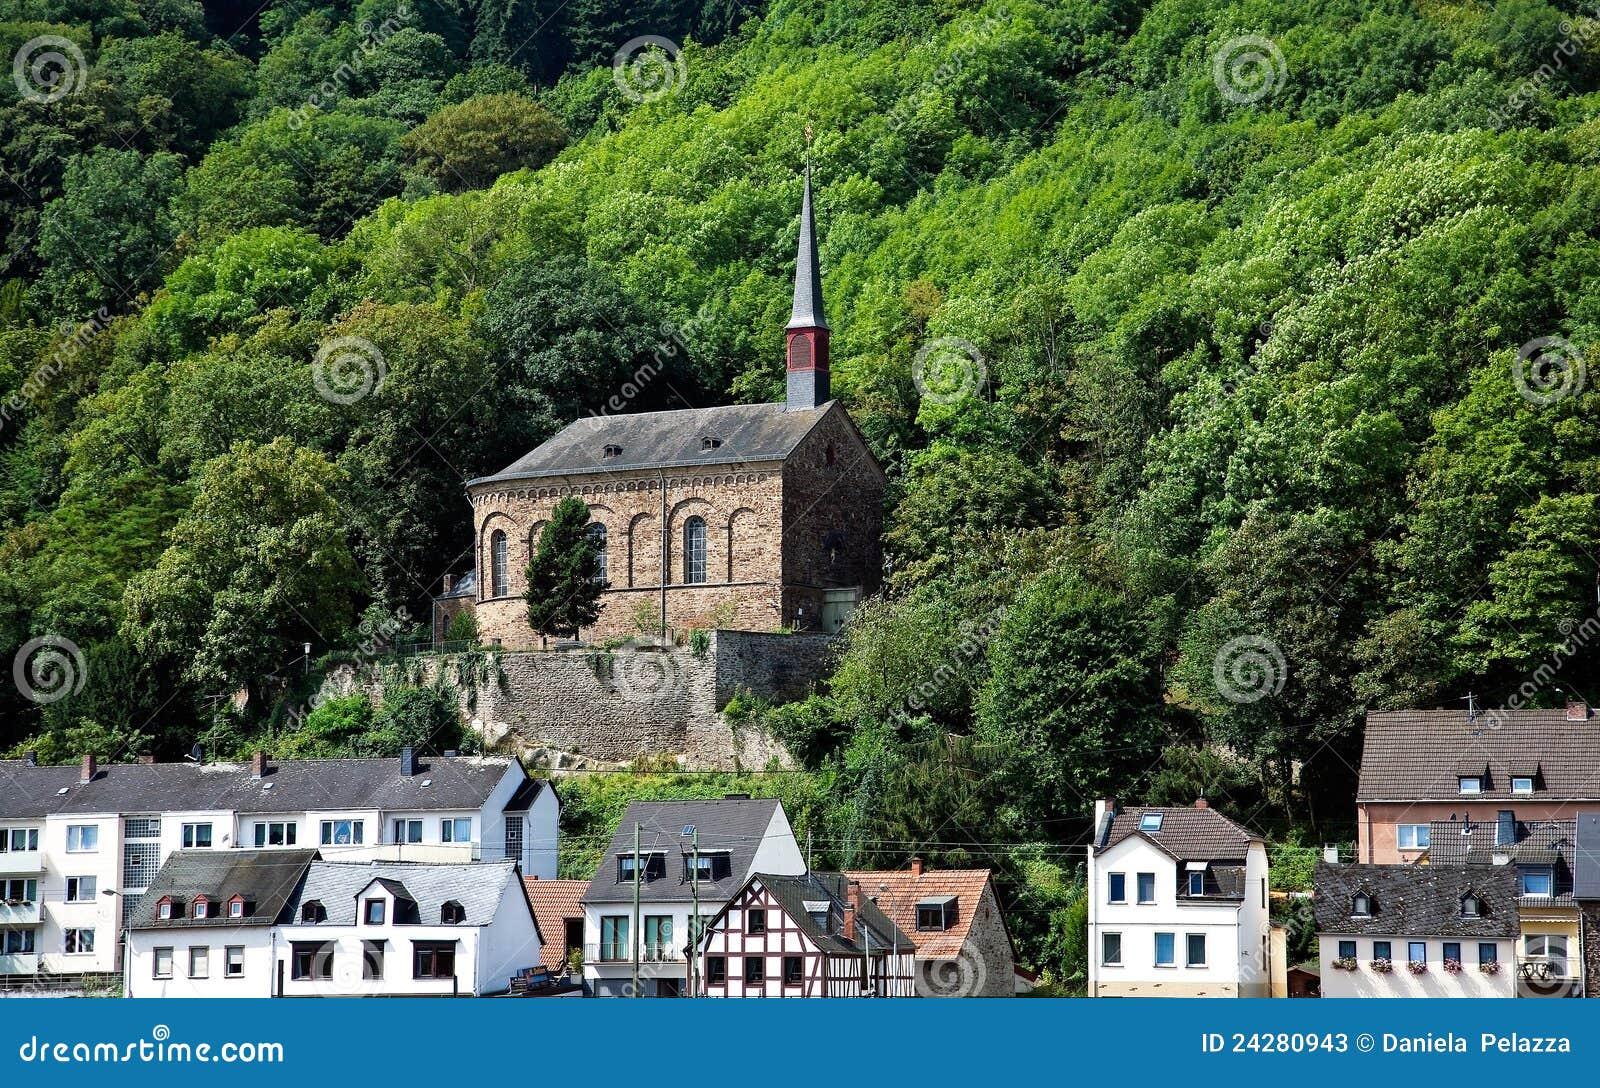 landscape in germany nordrhein westfalen stock image image of religion nordrhein 24280943. Black Bedroom Furniture Sets. Home Design Ideas